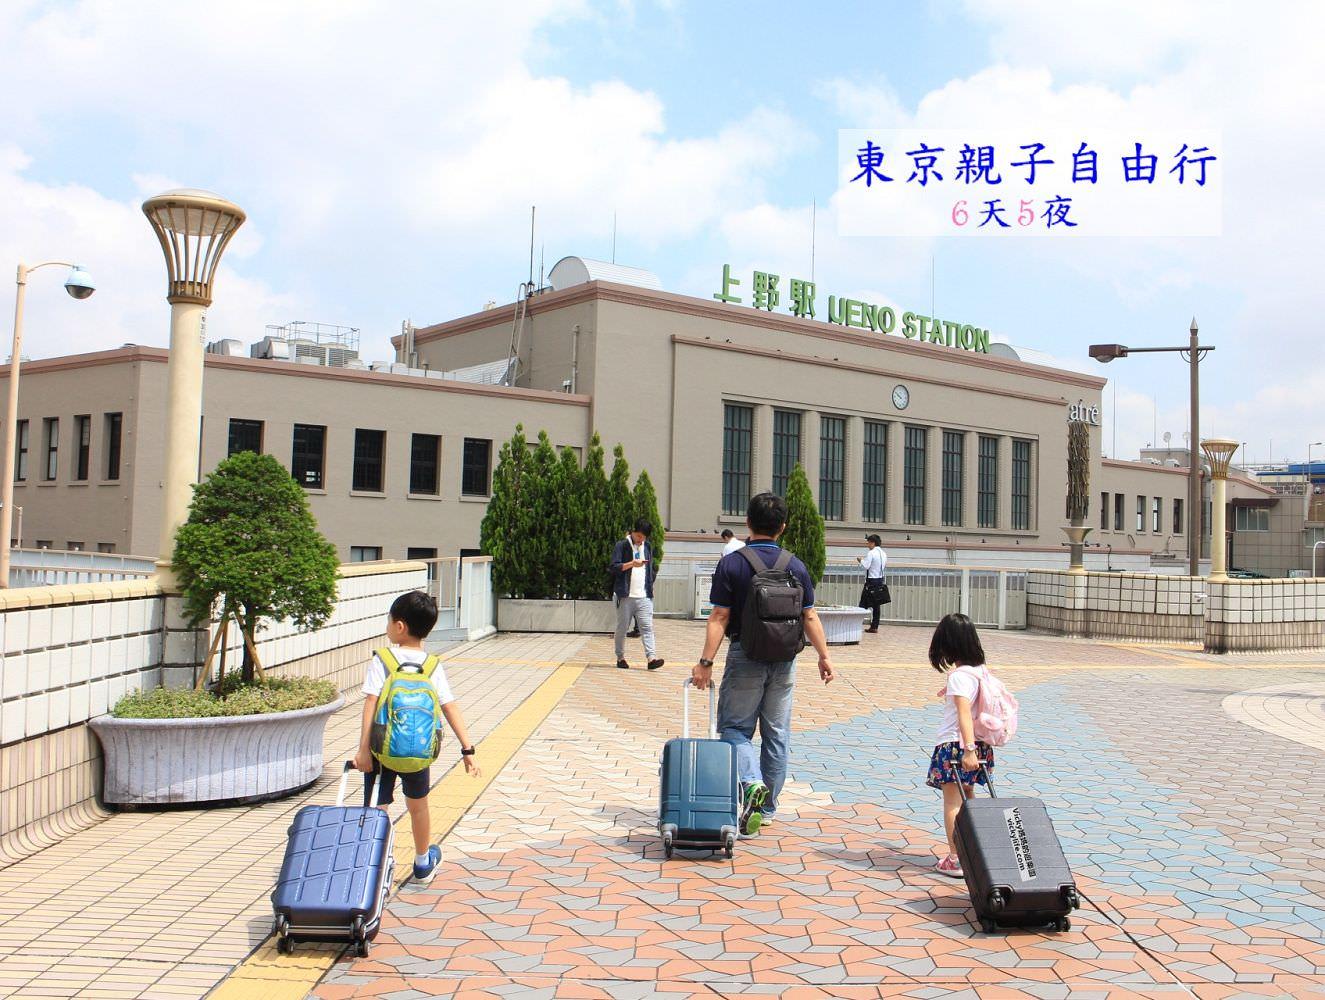 東京自由行:東京景點+親子自由行路線規劃,從新宿到箱根,配上翔翼日本上網SIM卡吃到飽,地鐵不卡關,絕對不迷路